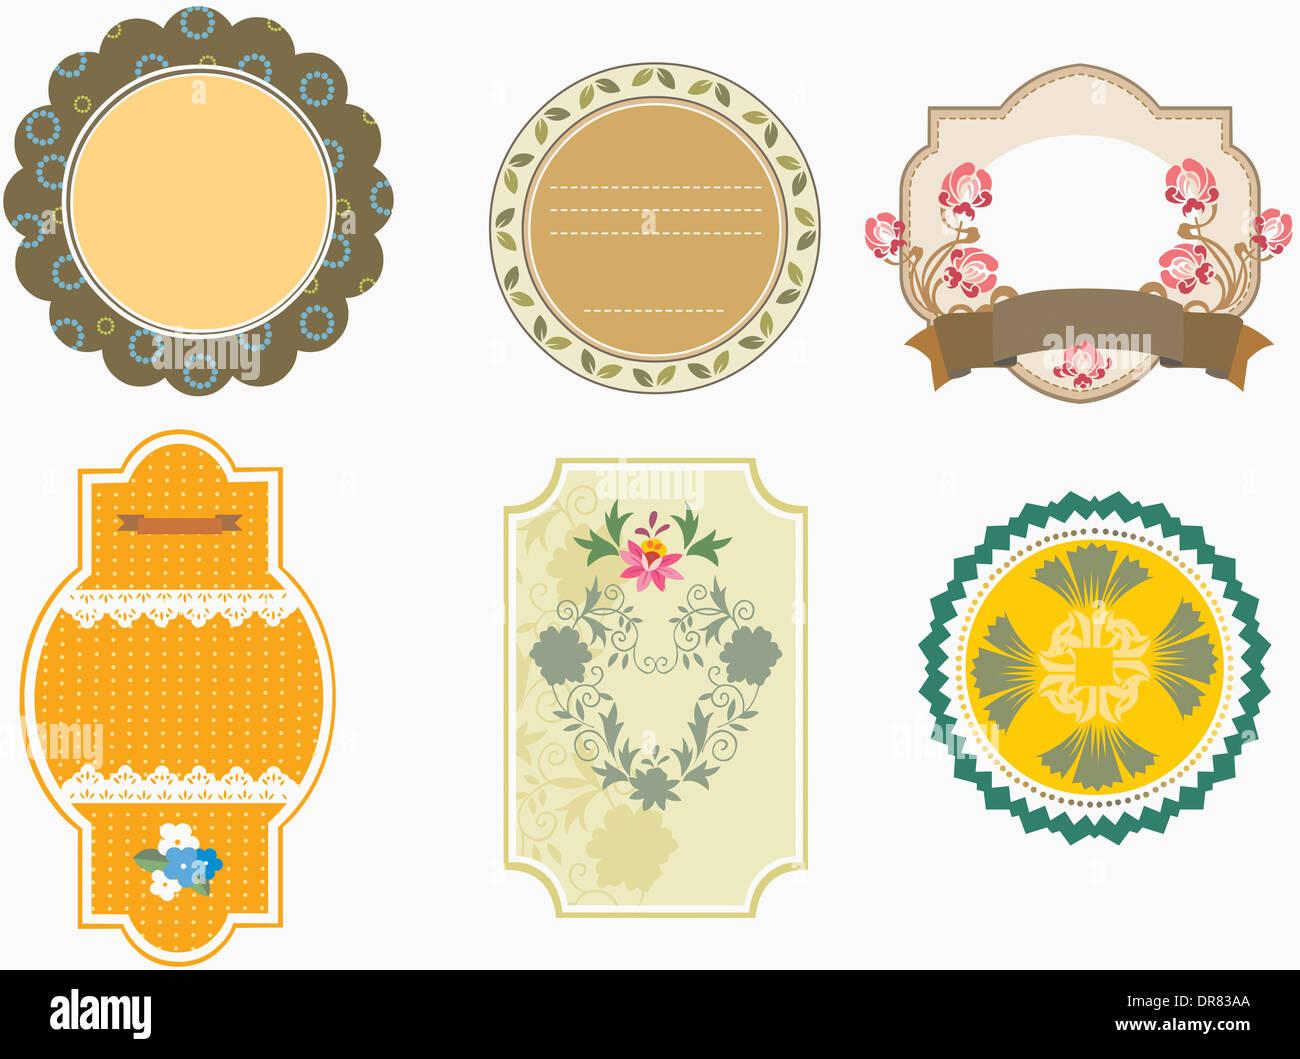 illustration unique set of memo designs stock photo royalty stock photo illustration unique set of memo designs